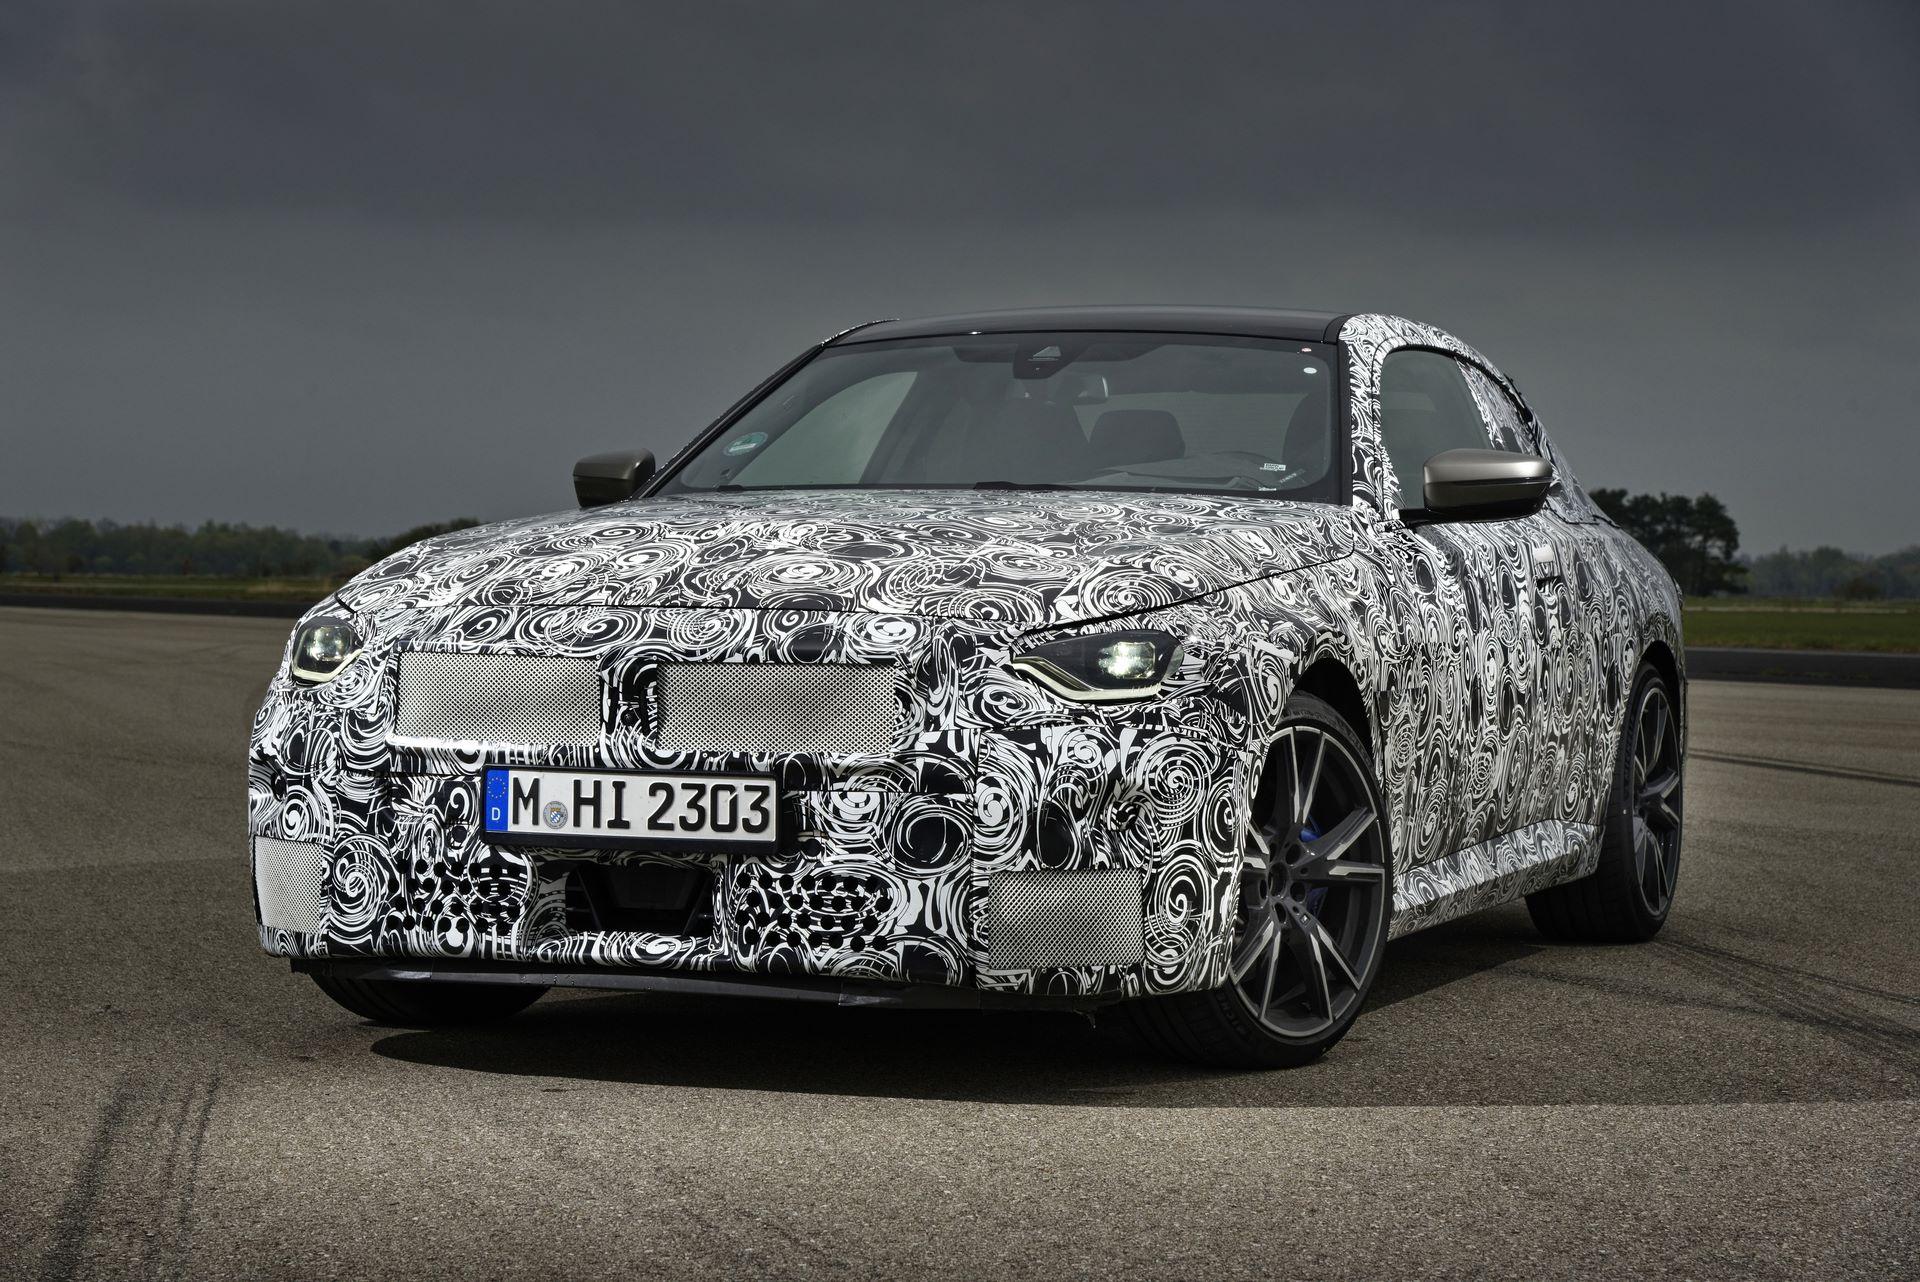 BMW-2-Series-M240i-spy-photos-98